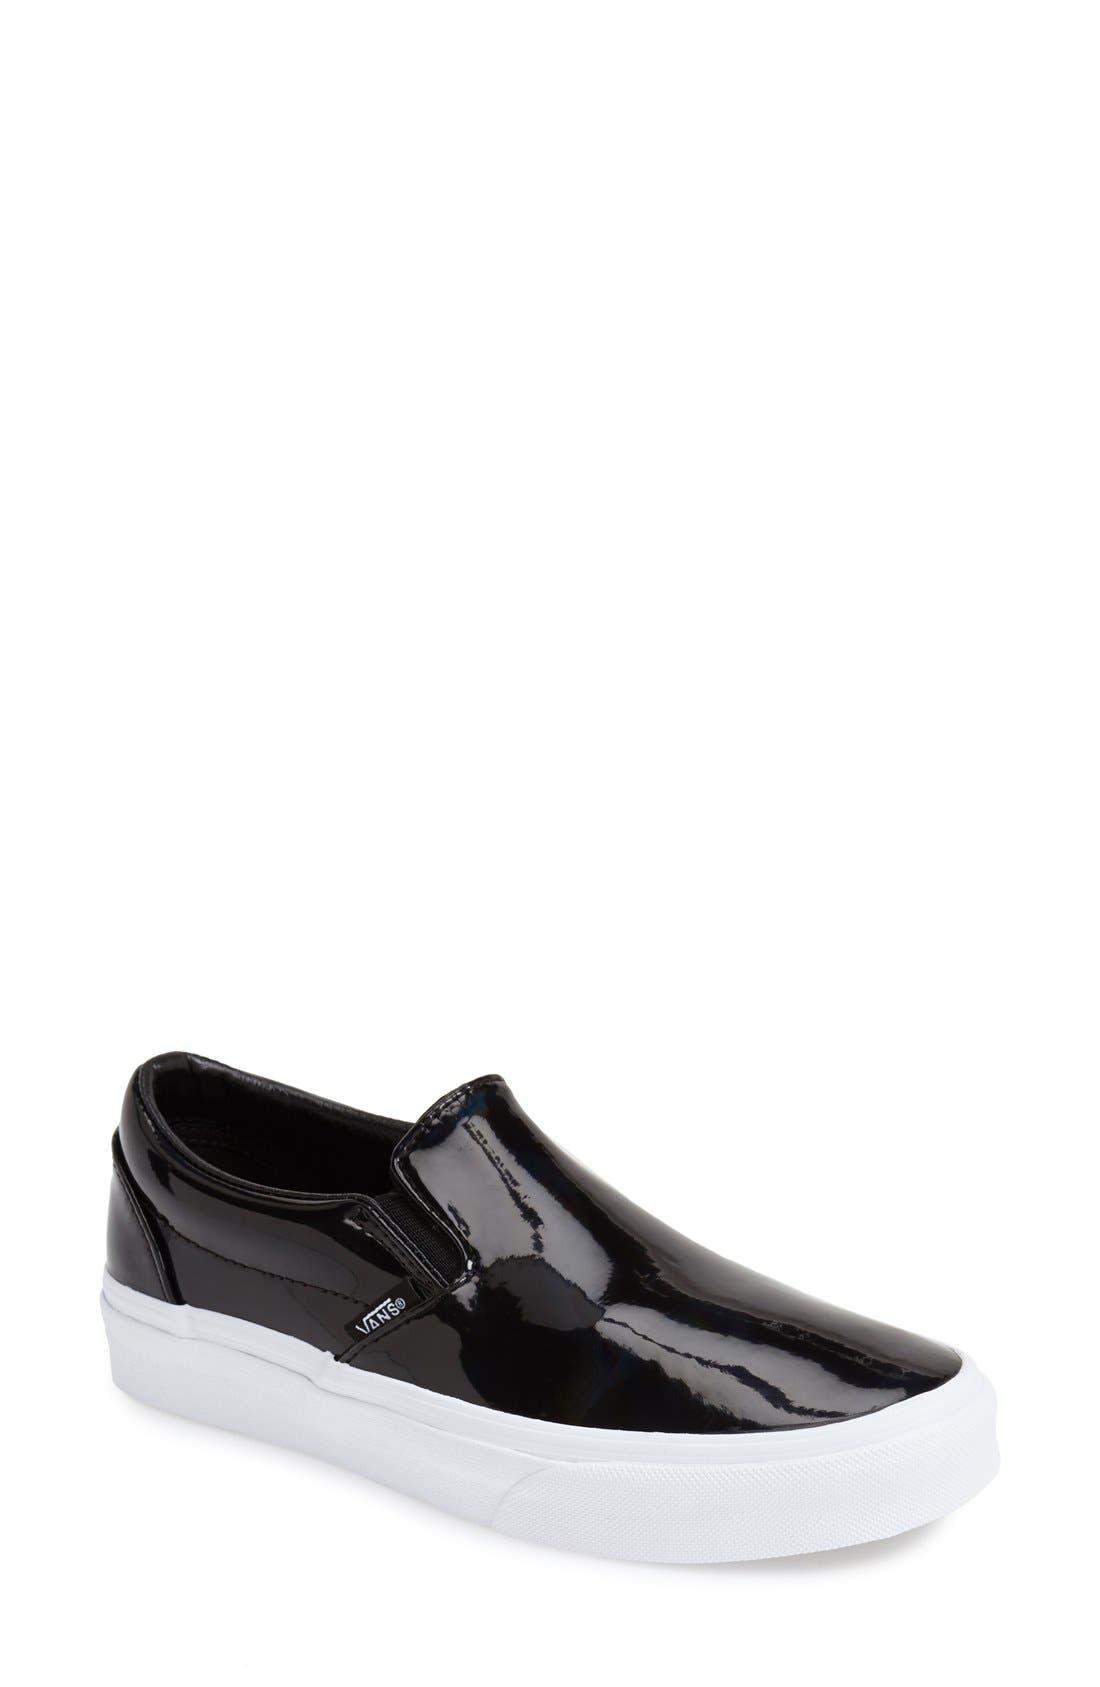 Alternate Image 1 Selected - Vans Patent Leather Slip-On Sneaker (Women)